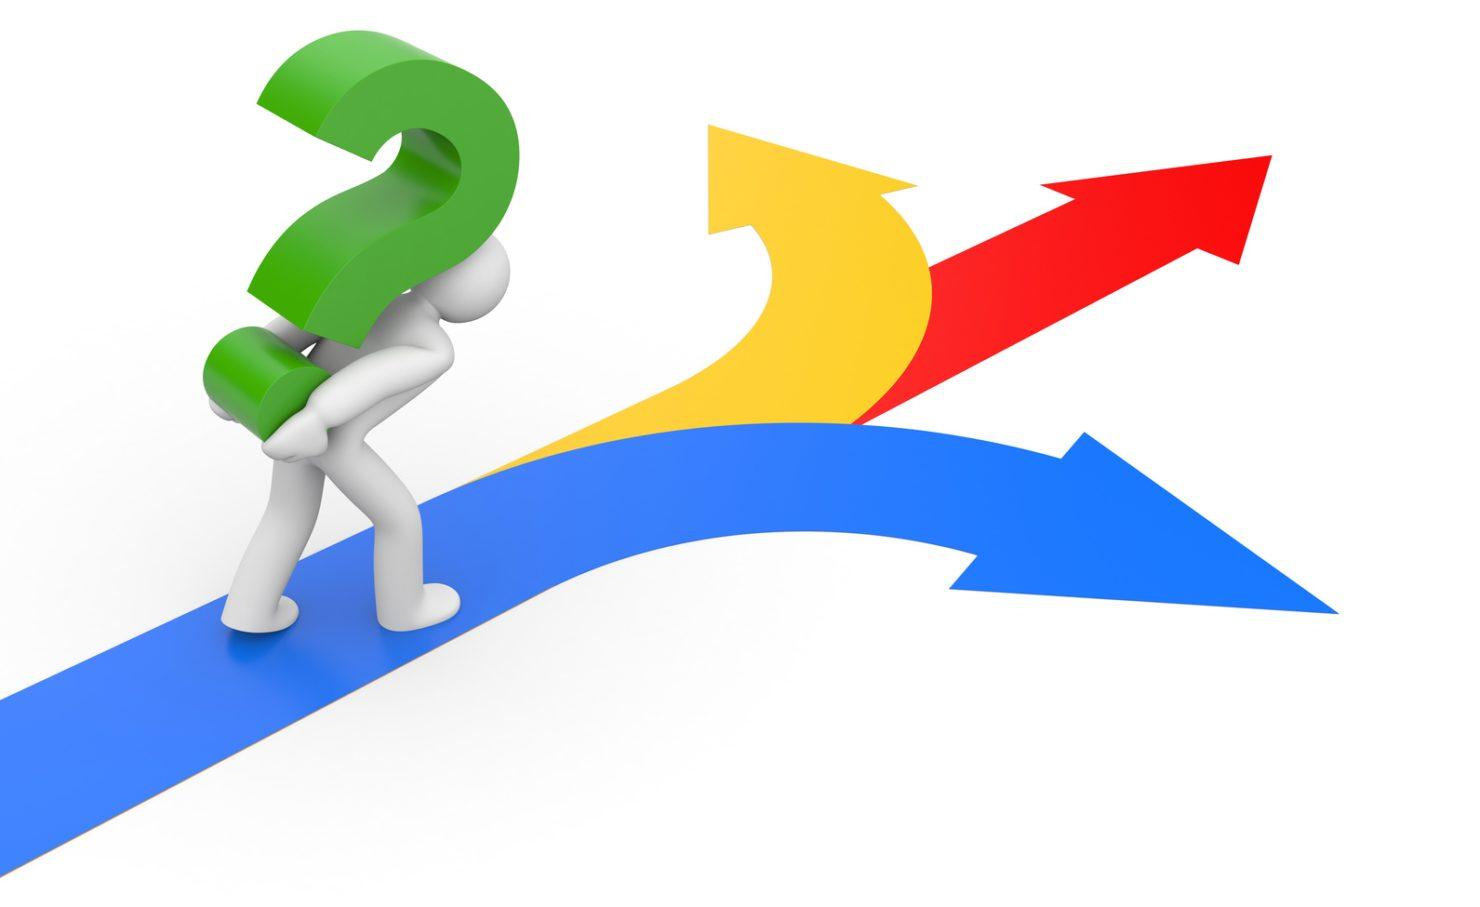 Статьи: Первый шаг к разработке.